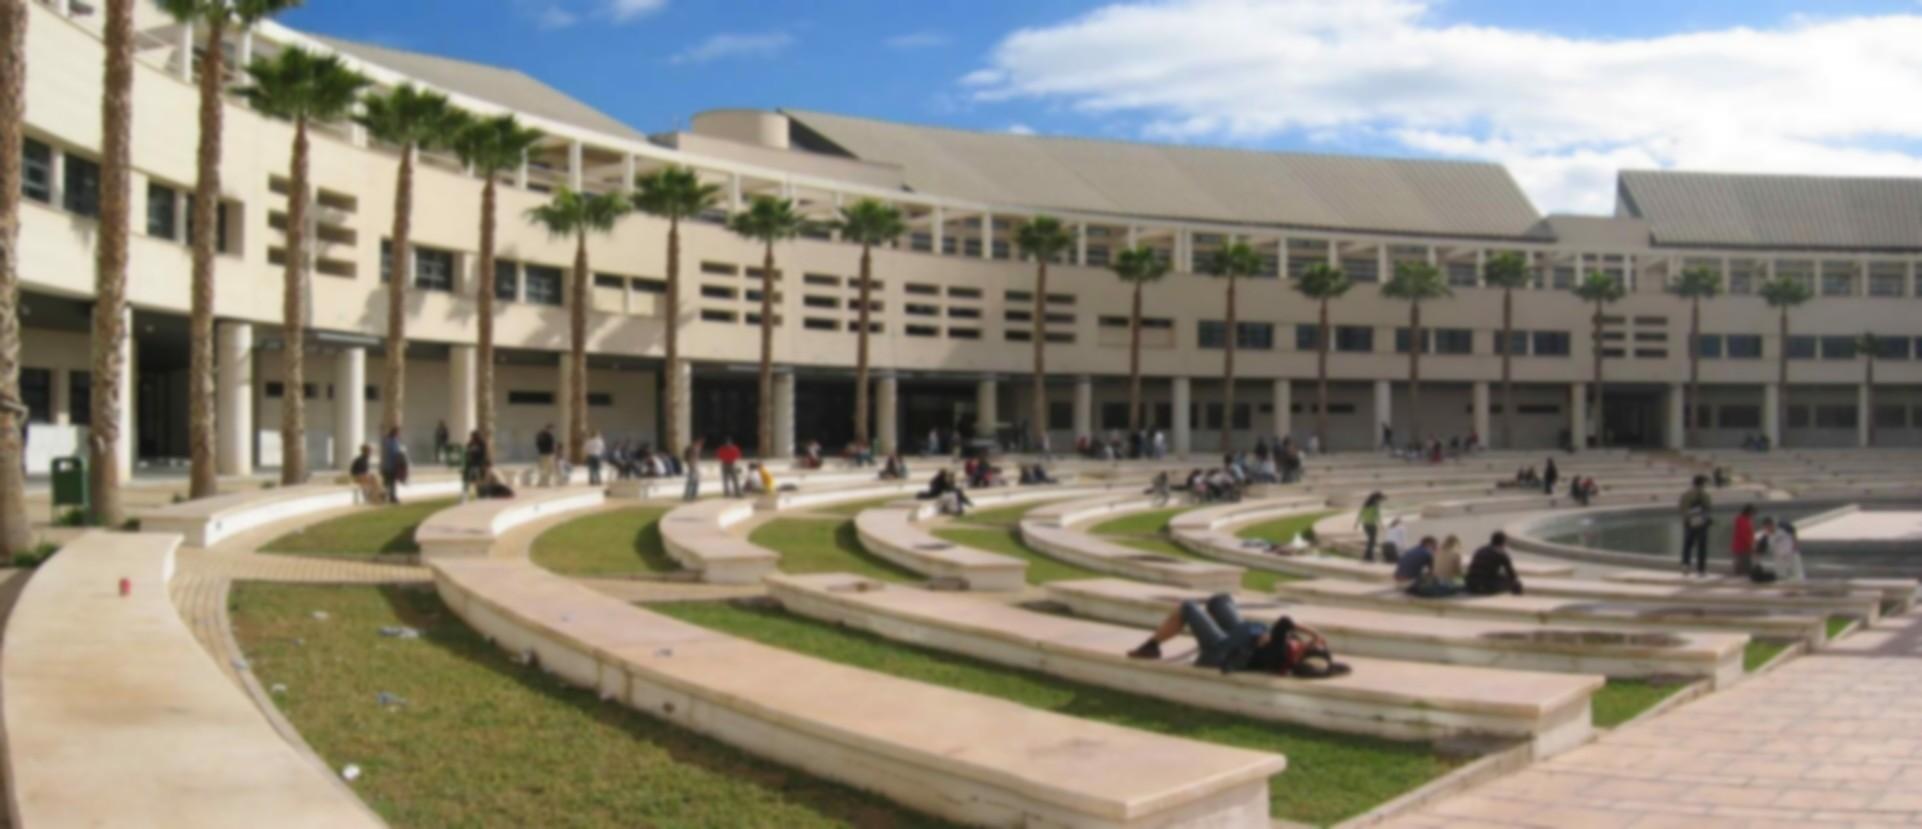 Universidad de alicante studocu for Piscina universidad alicante